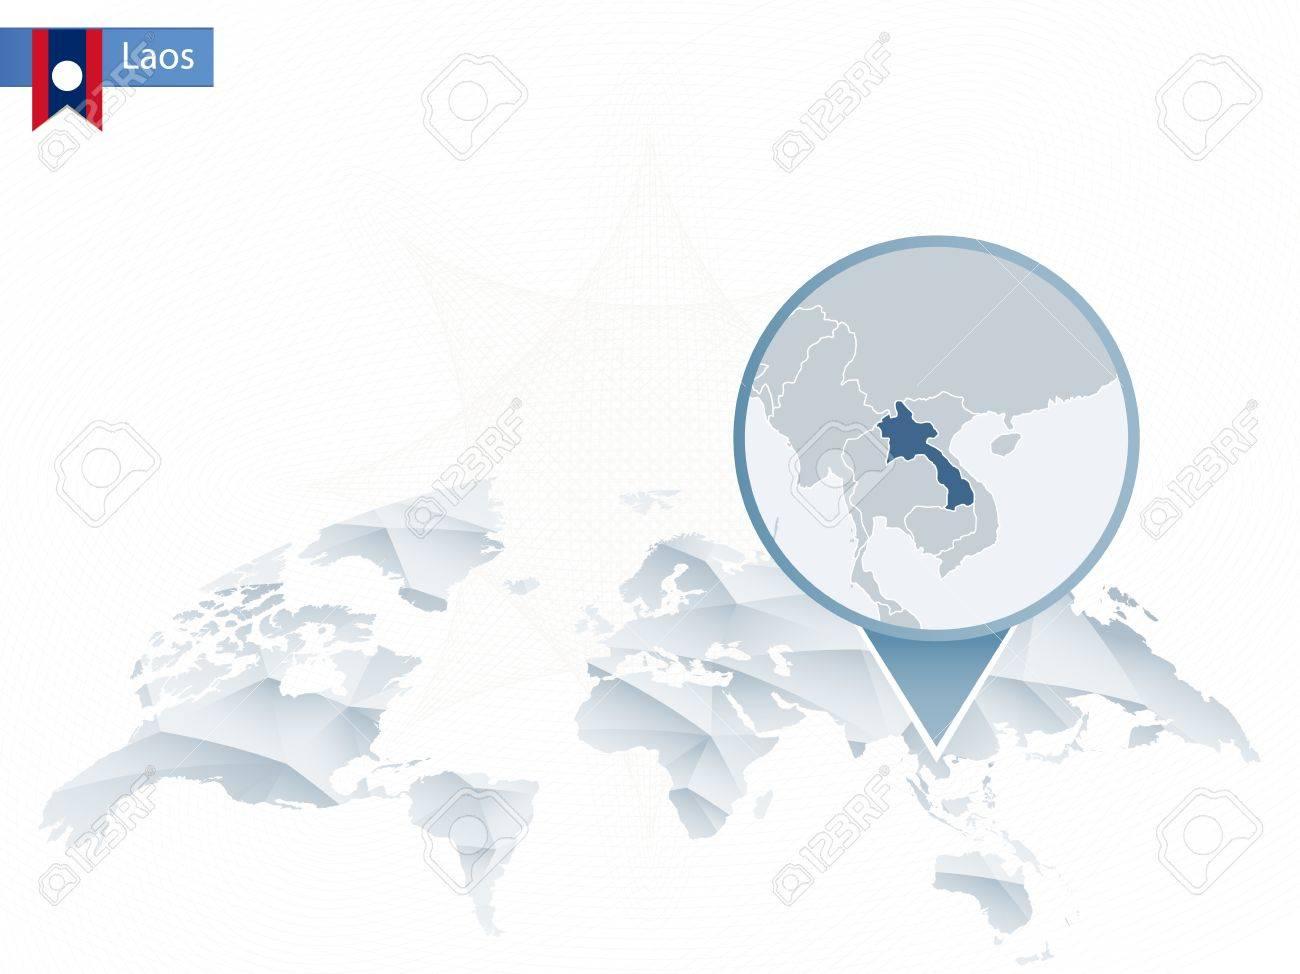 Carte Du Monde Laos.Carte Du Monde Arrondie Abstraite Avec Epingle Detaillee Carte Du